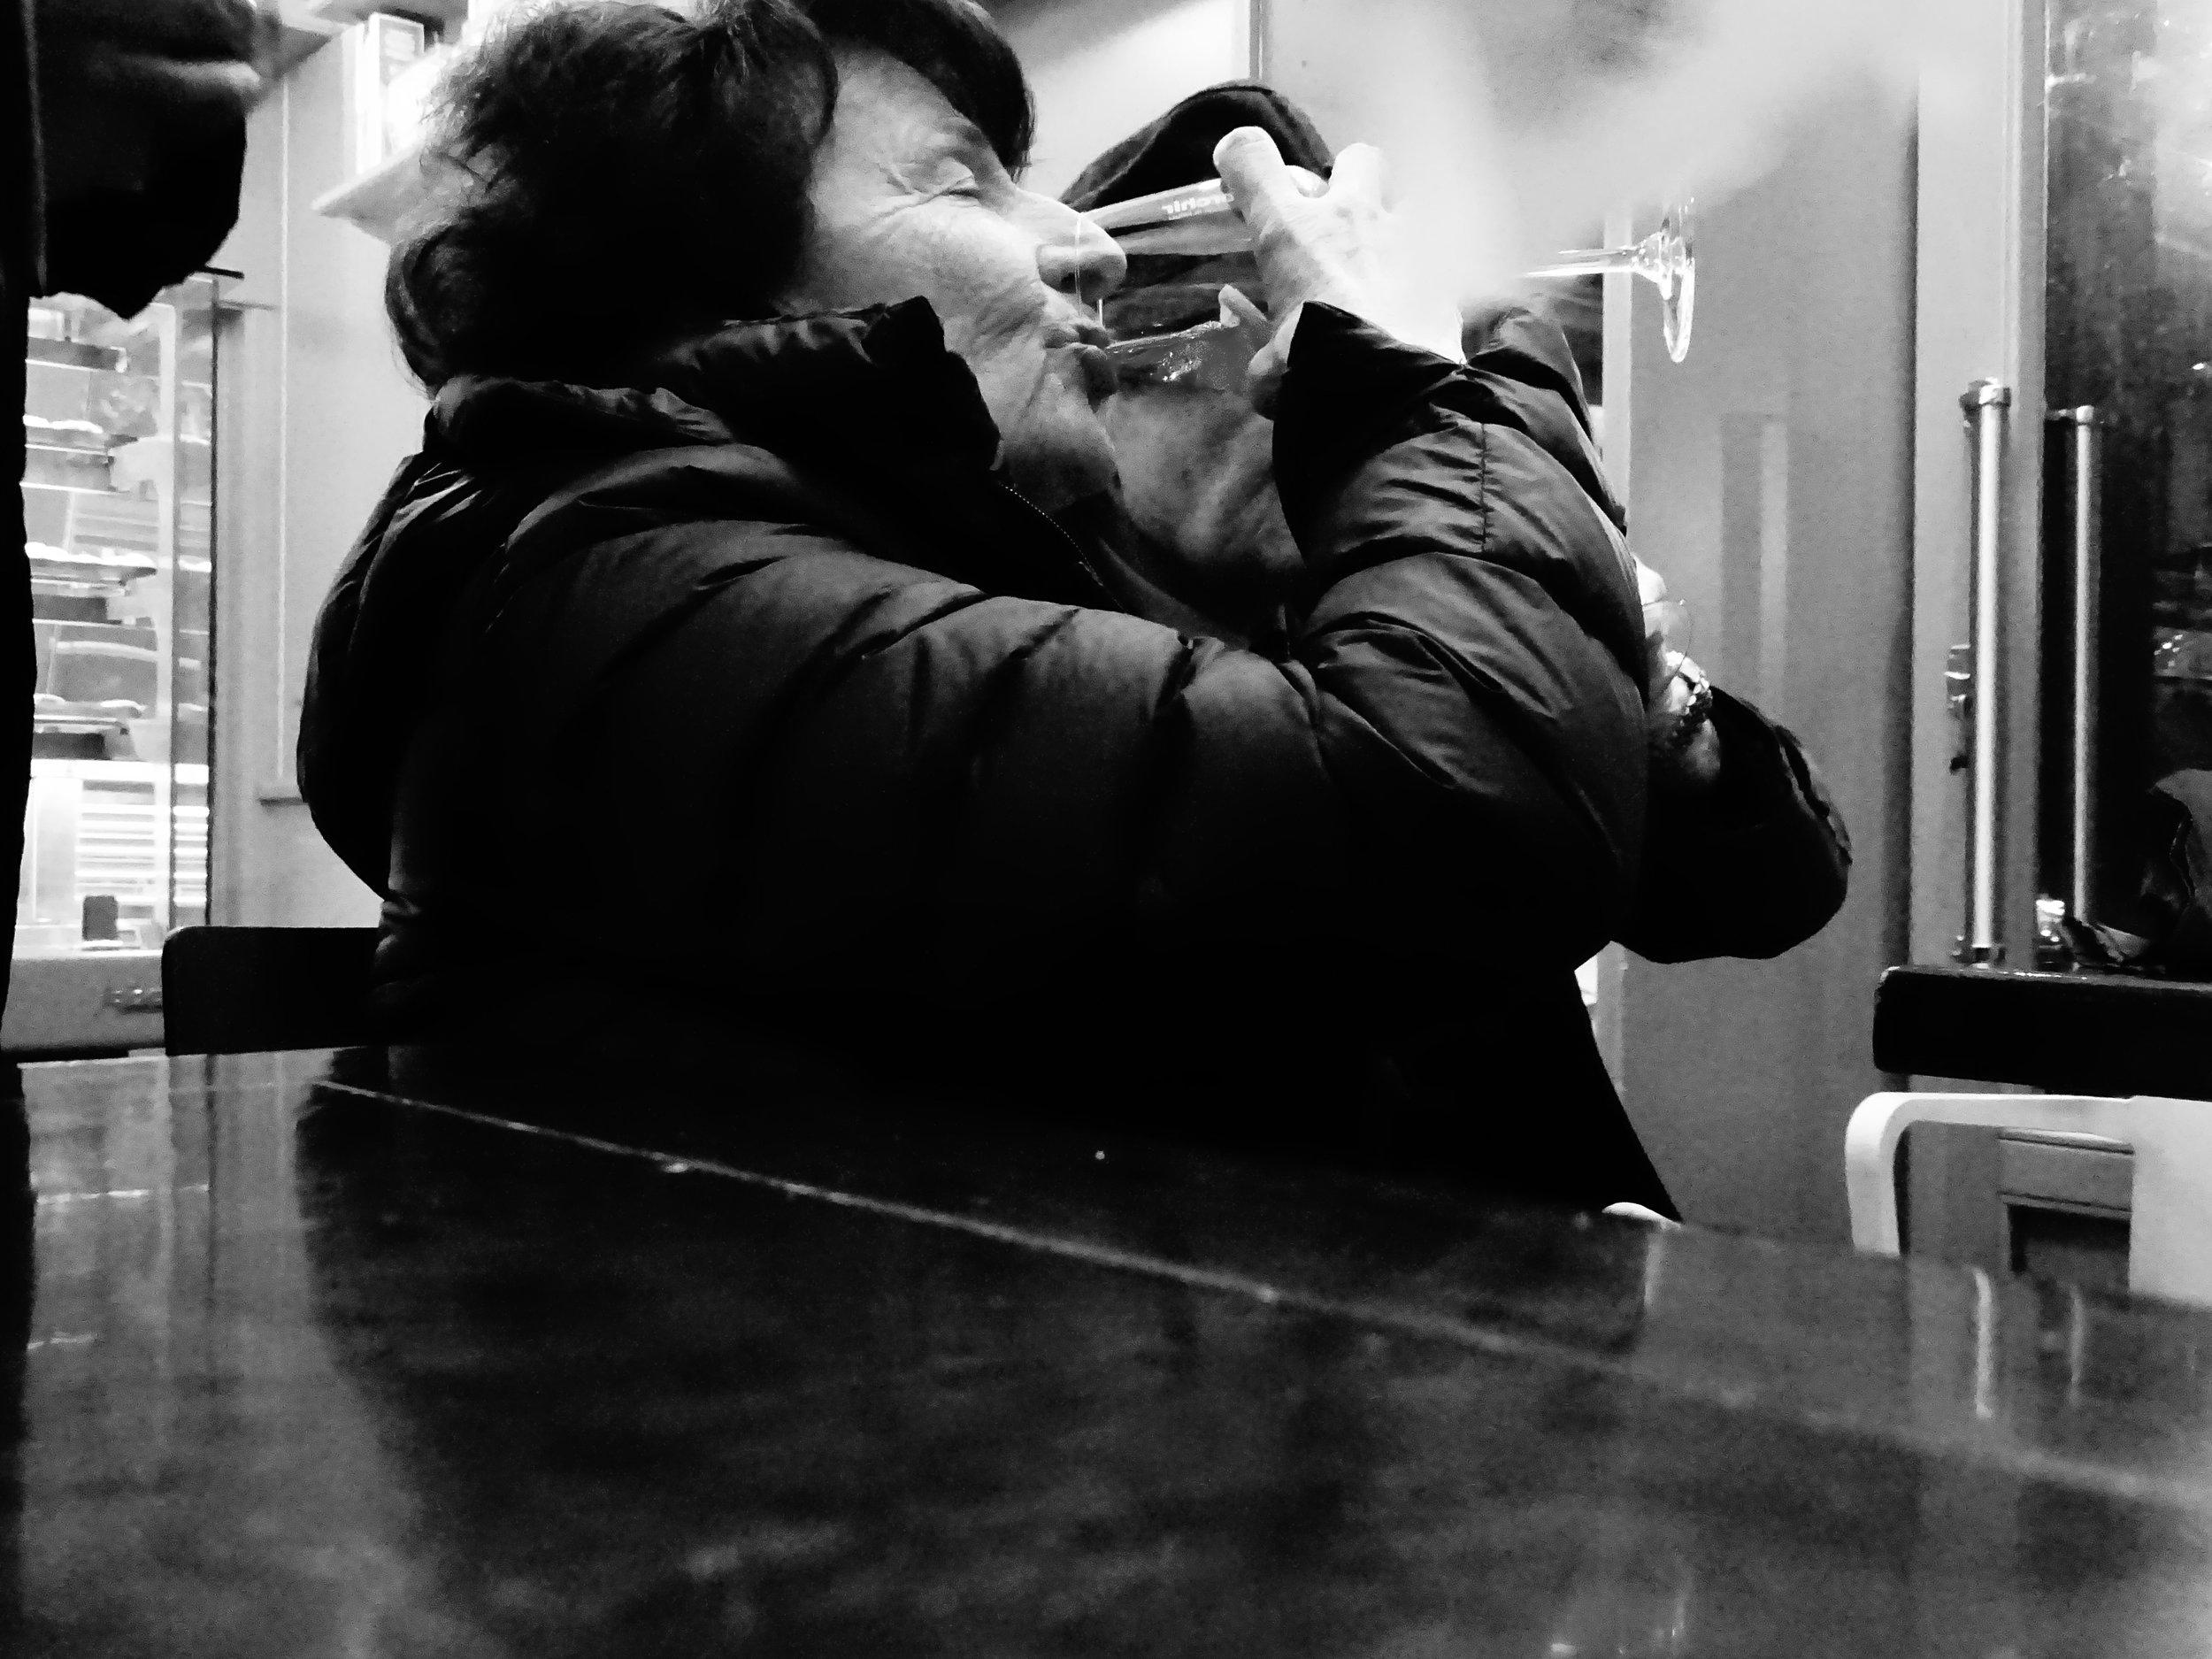 Life in the Gran Bar, Sesto Fiorentino 2018